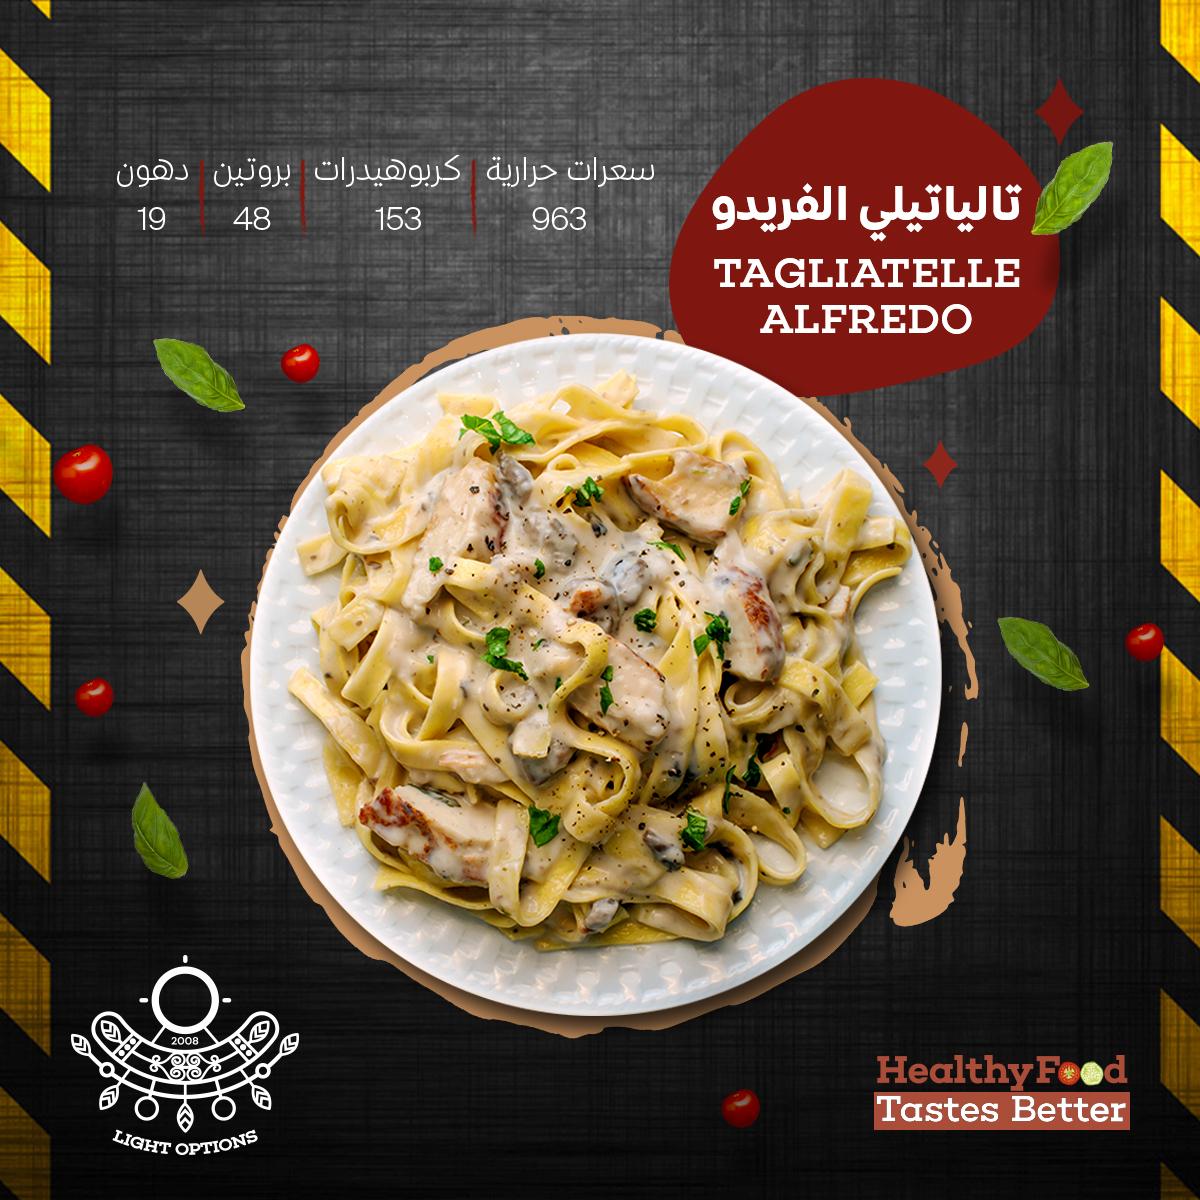 خليها اليوم #باستا   #kuwait #kuwaity #healthyfood #healthylifestyle  #Healthy #Fresh #Tasty #kuwtk #صحي #لذيذ #طازج  #HEALTHYFOODTASTESBETTER https://t.co/tc9xzleP7z